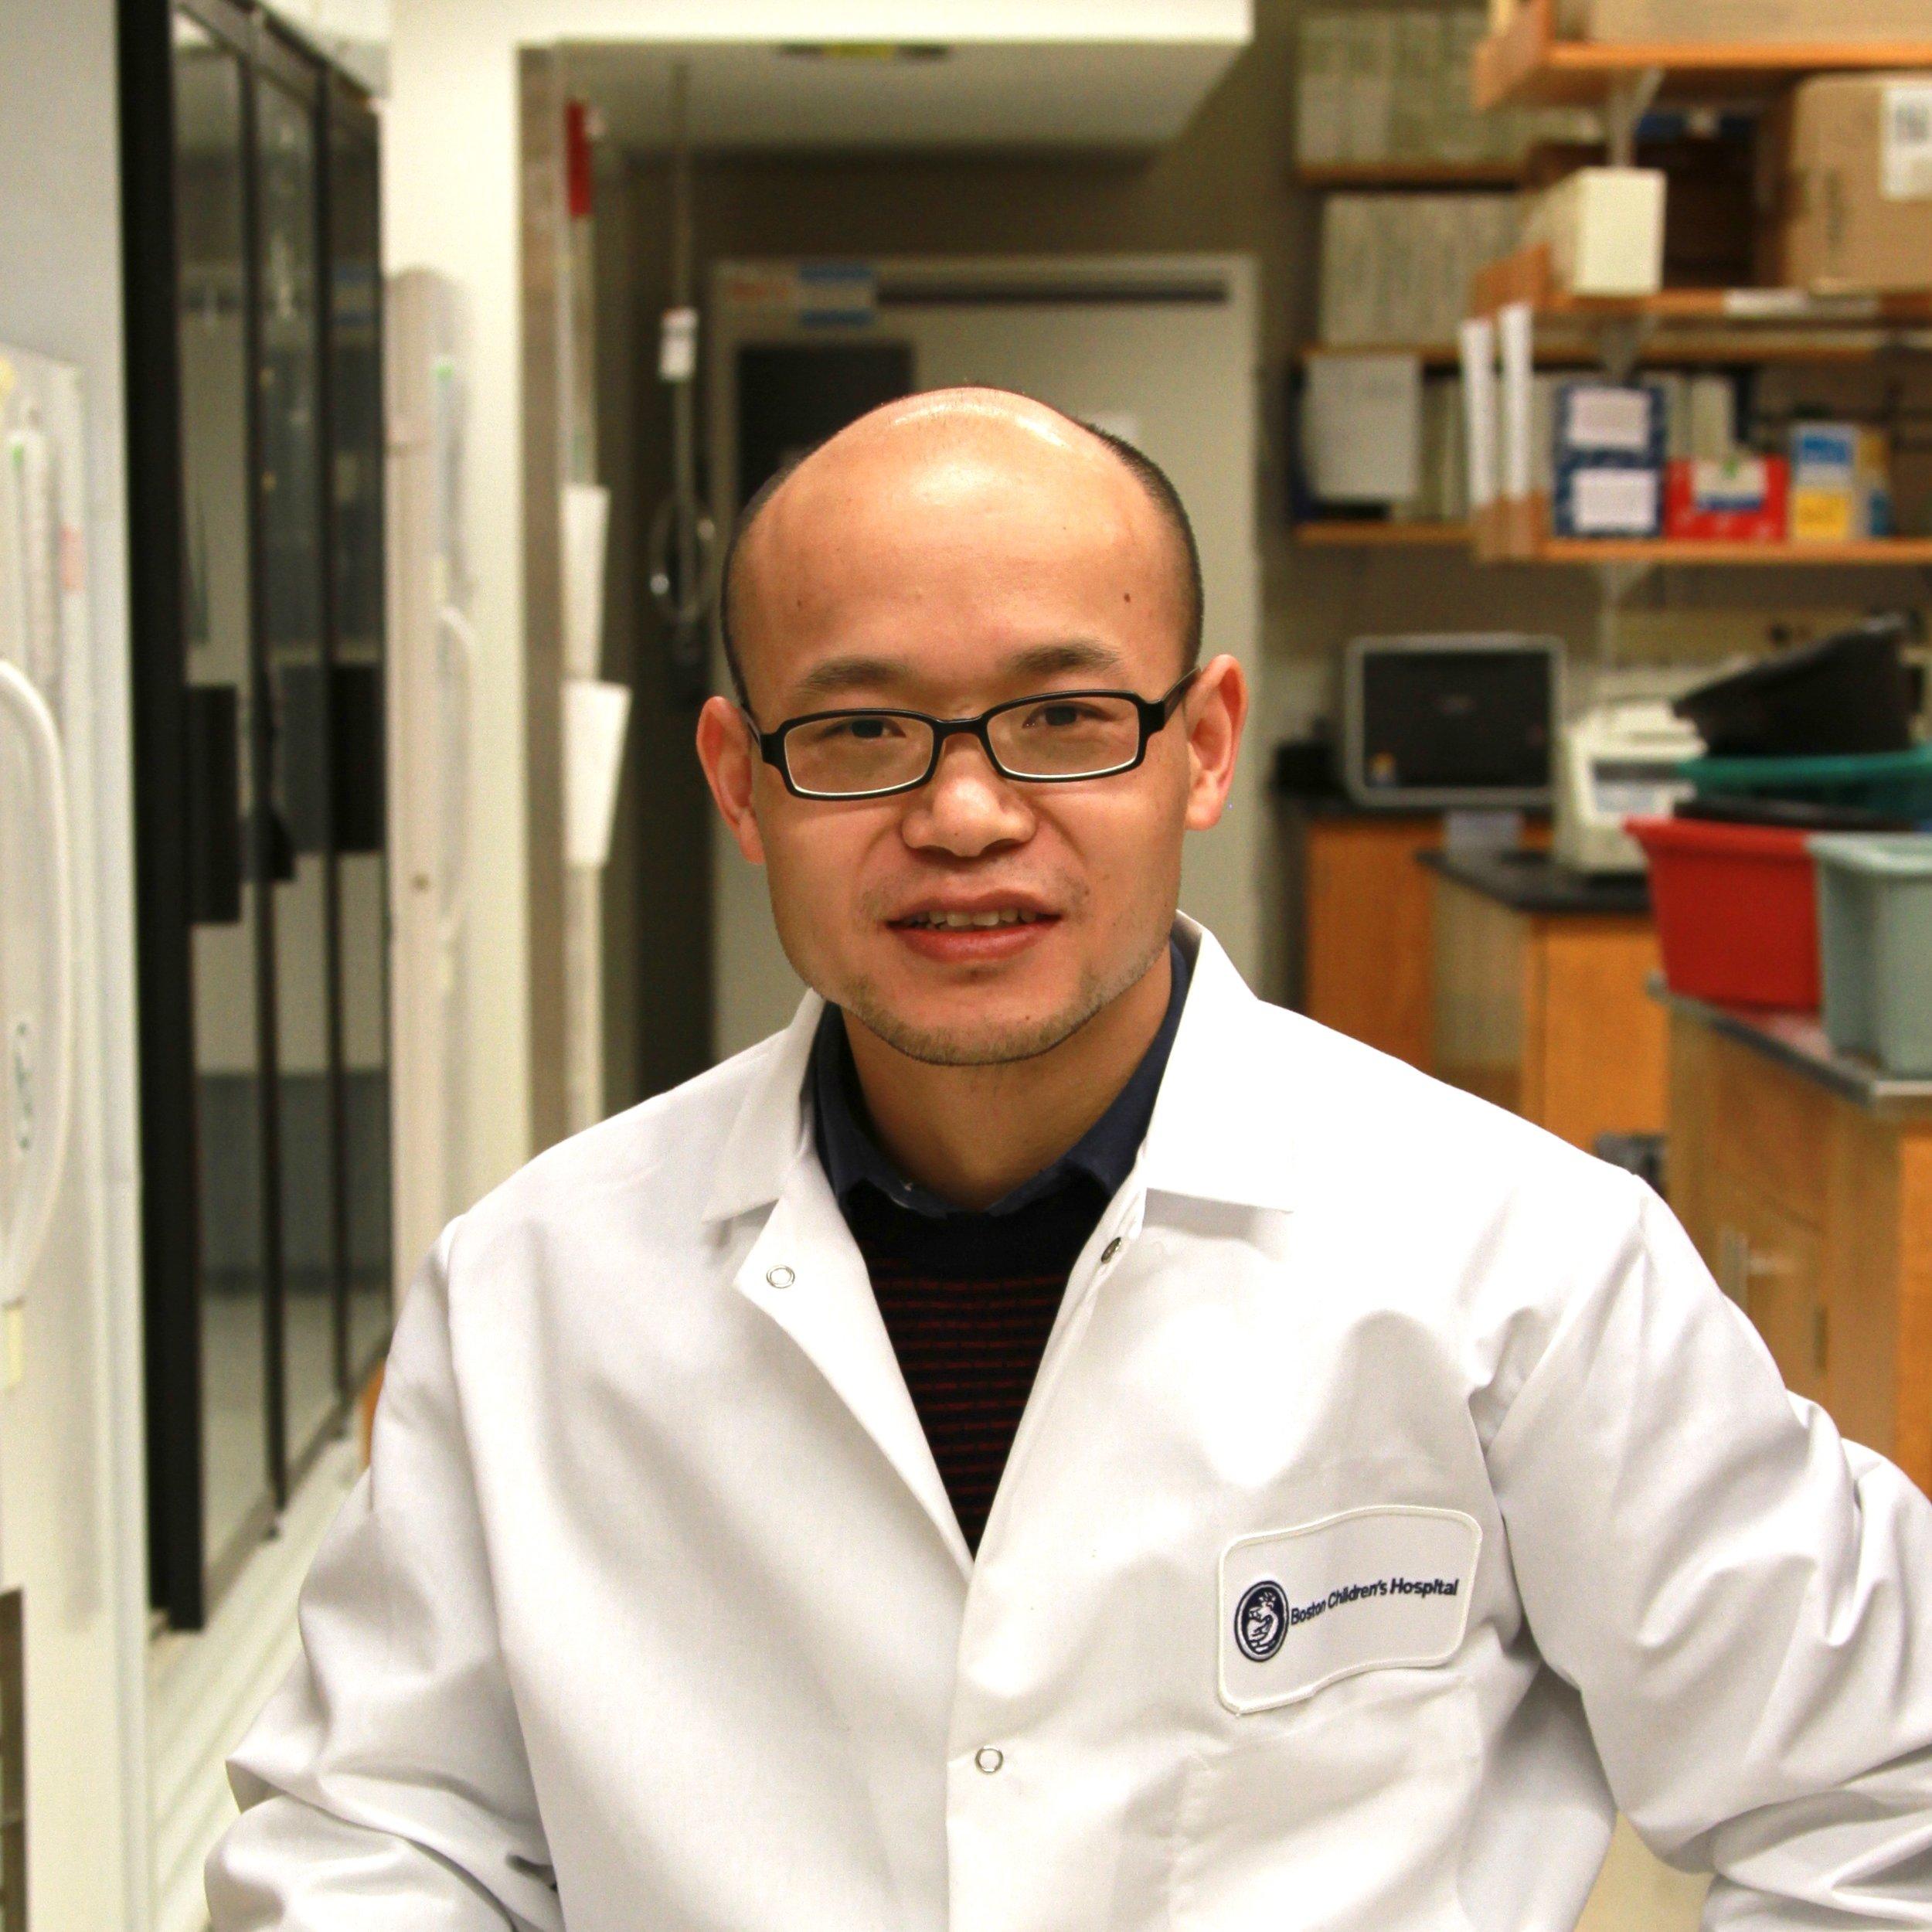 Dr. Yuangao Wang - contact